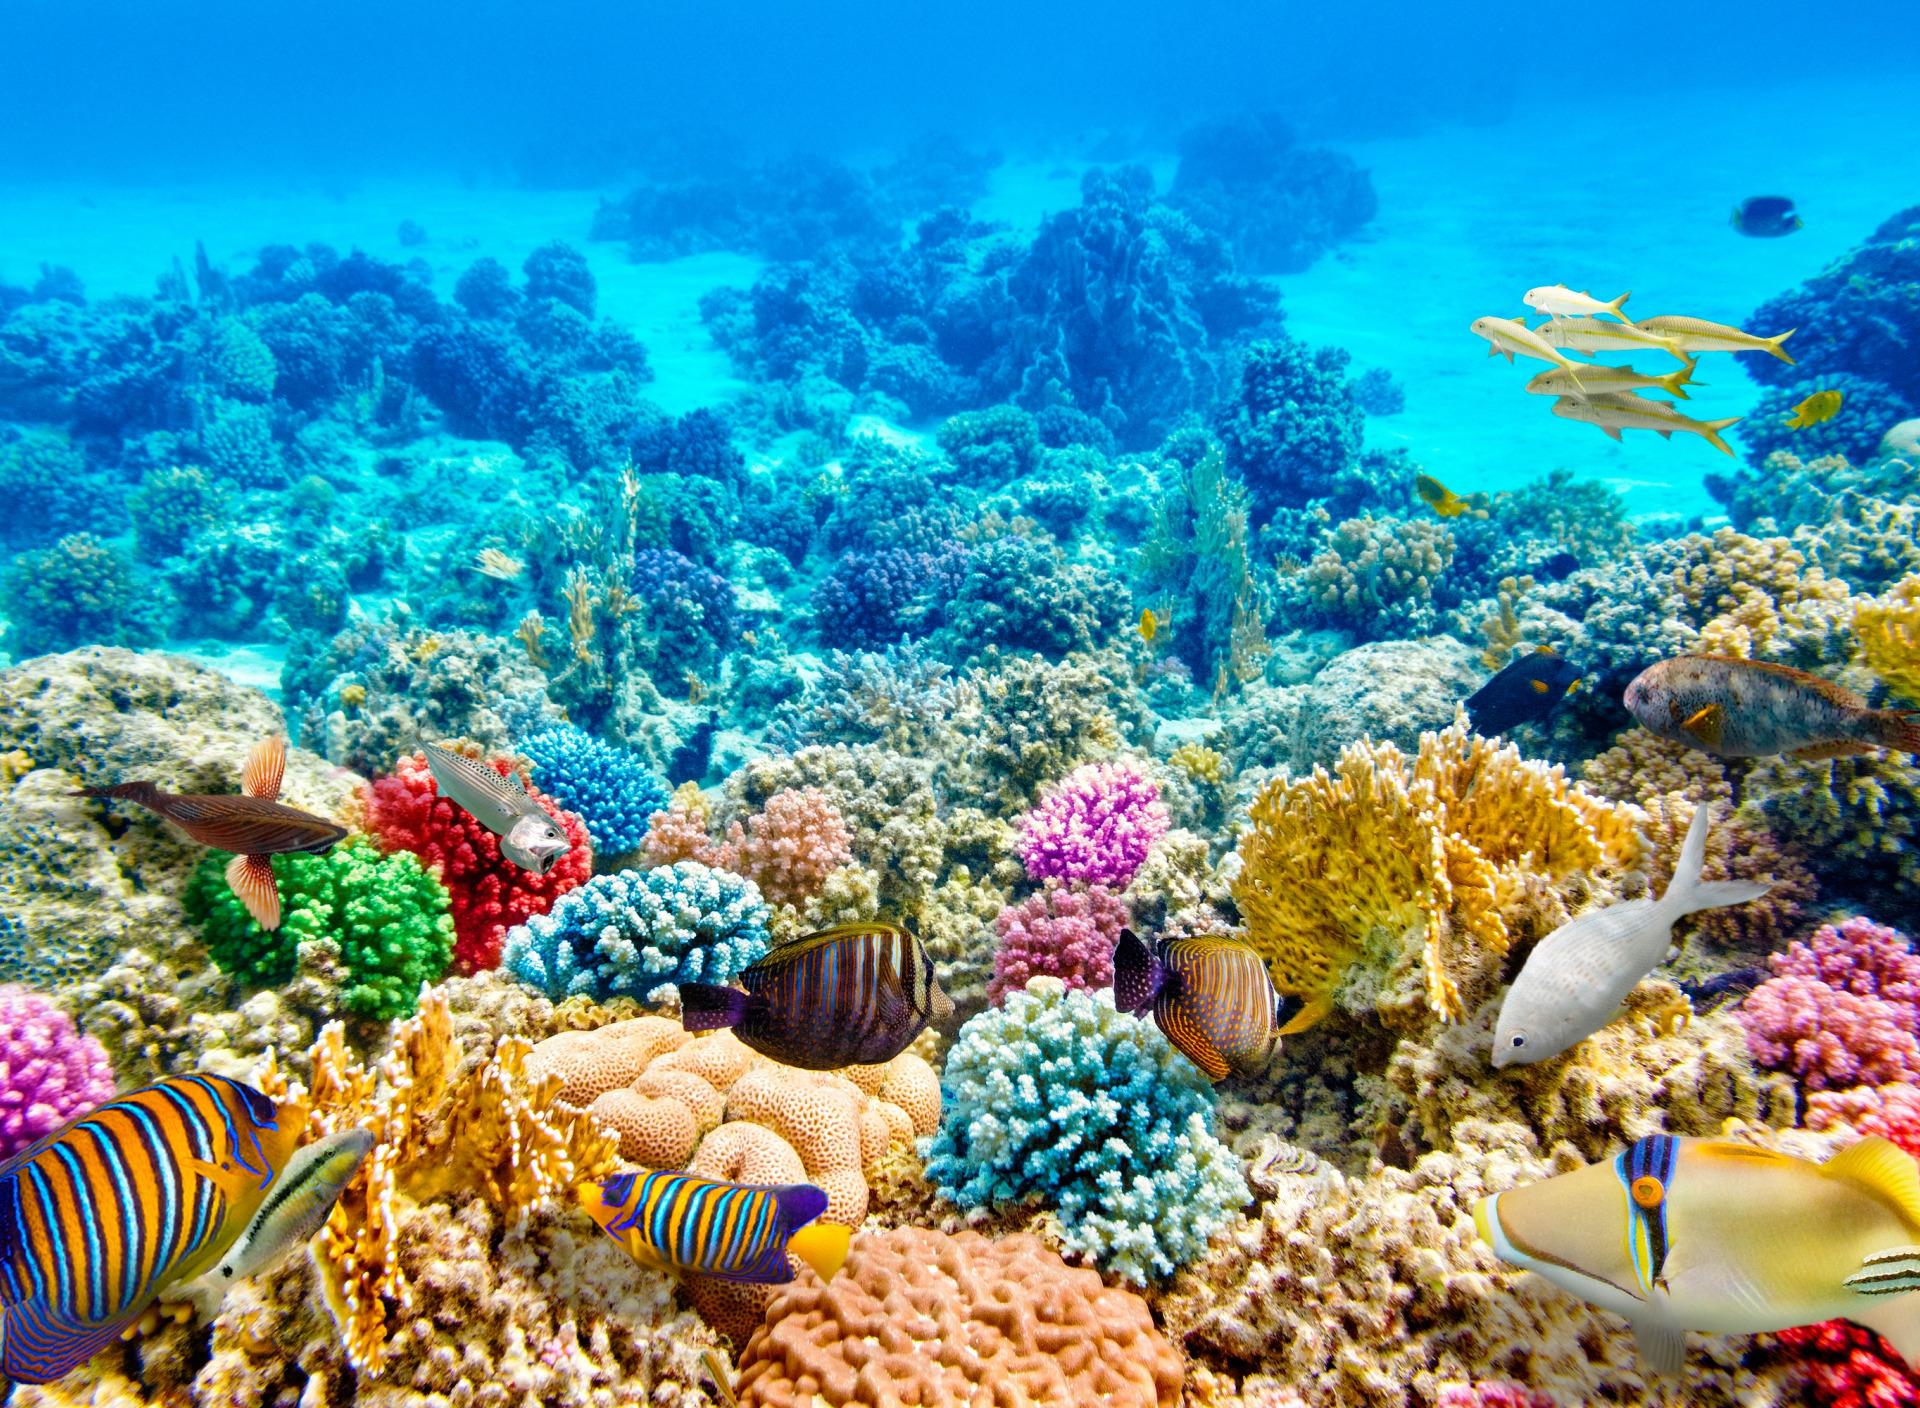 красивые фотографии морского дна представлены все обои